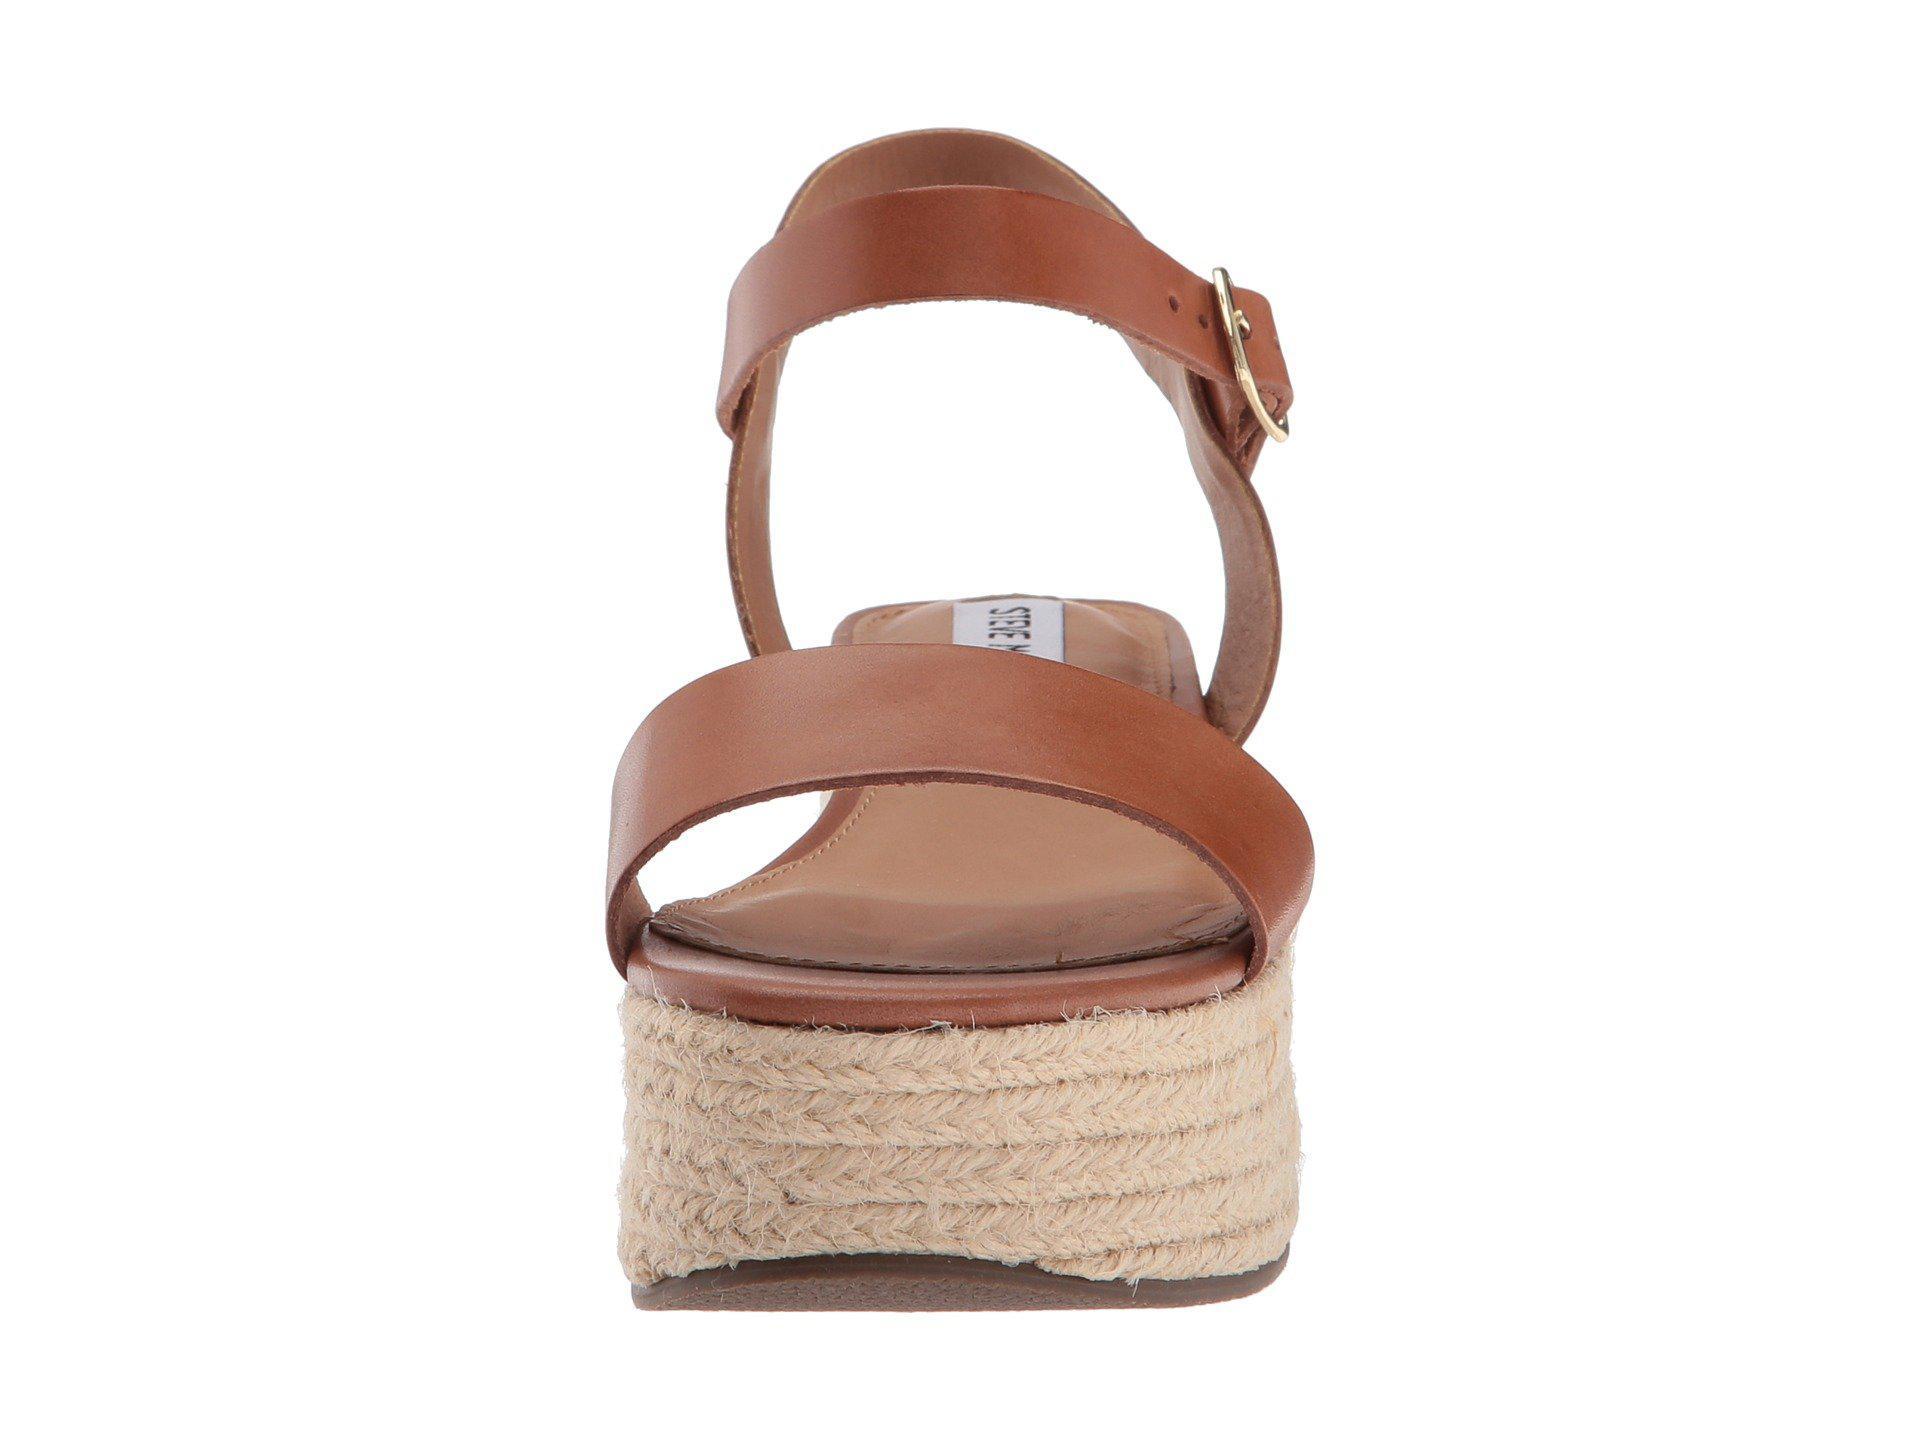 9a3786d6017 Brown Busy Platform Espadrille Sandal (cognac Leather) Women's Shoes